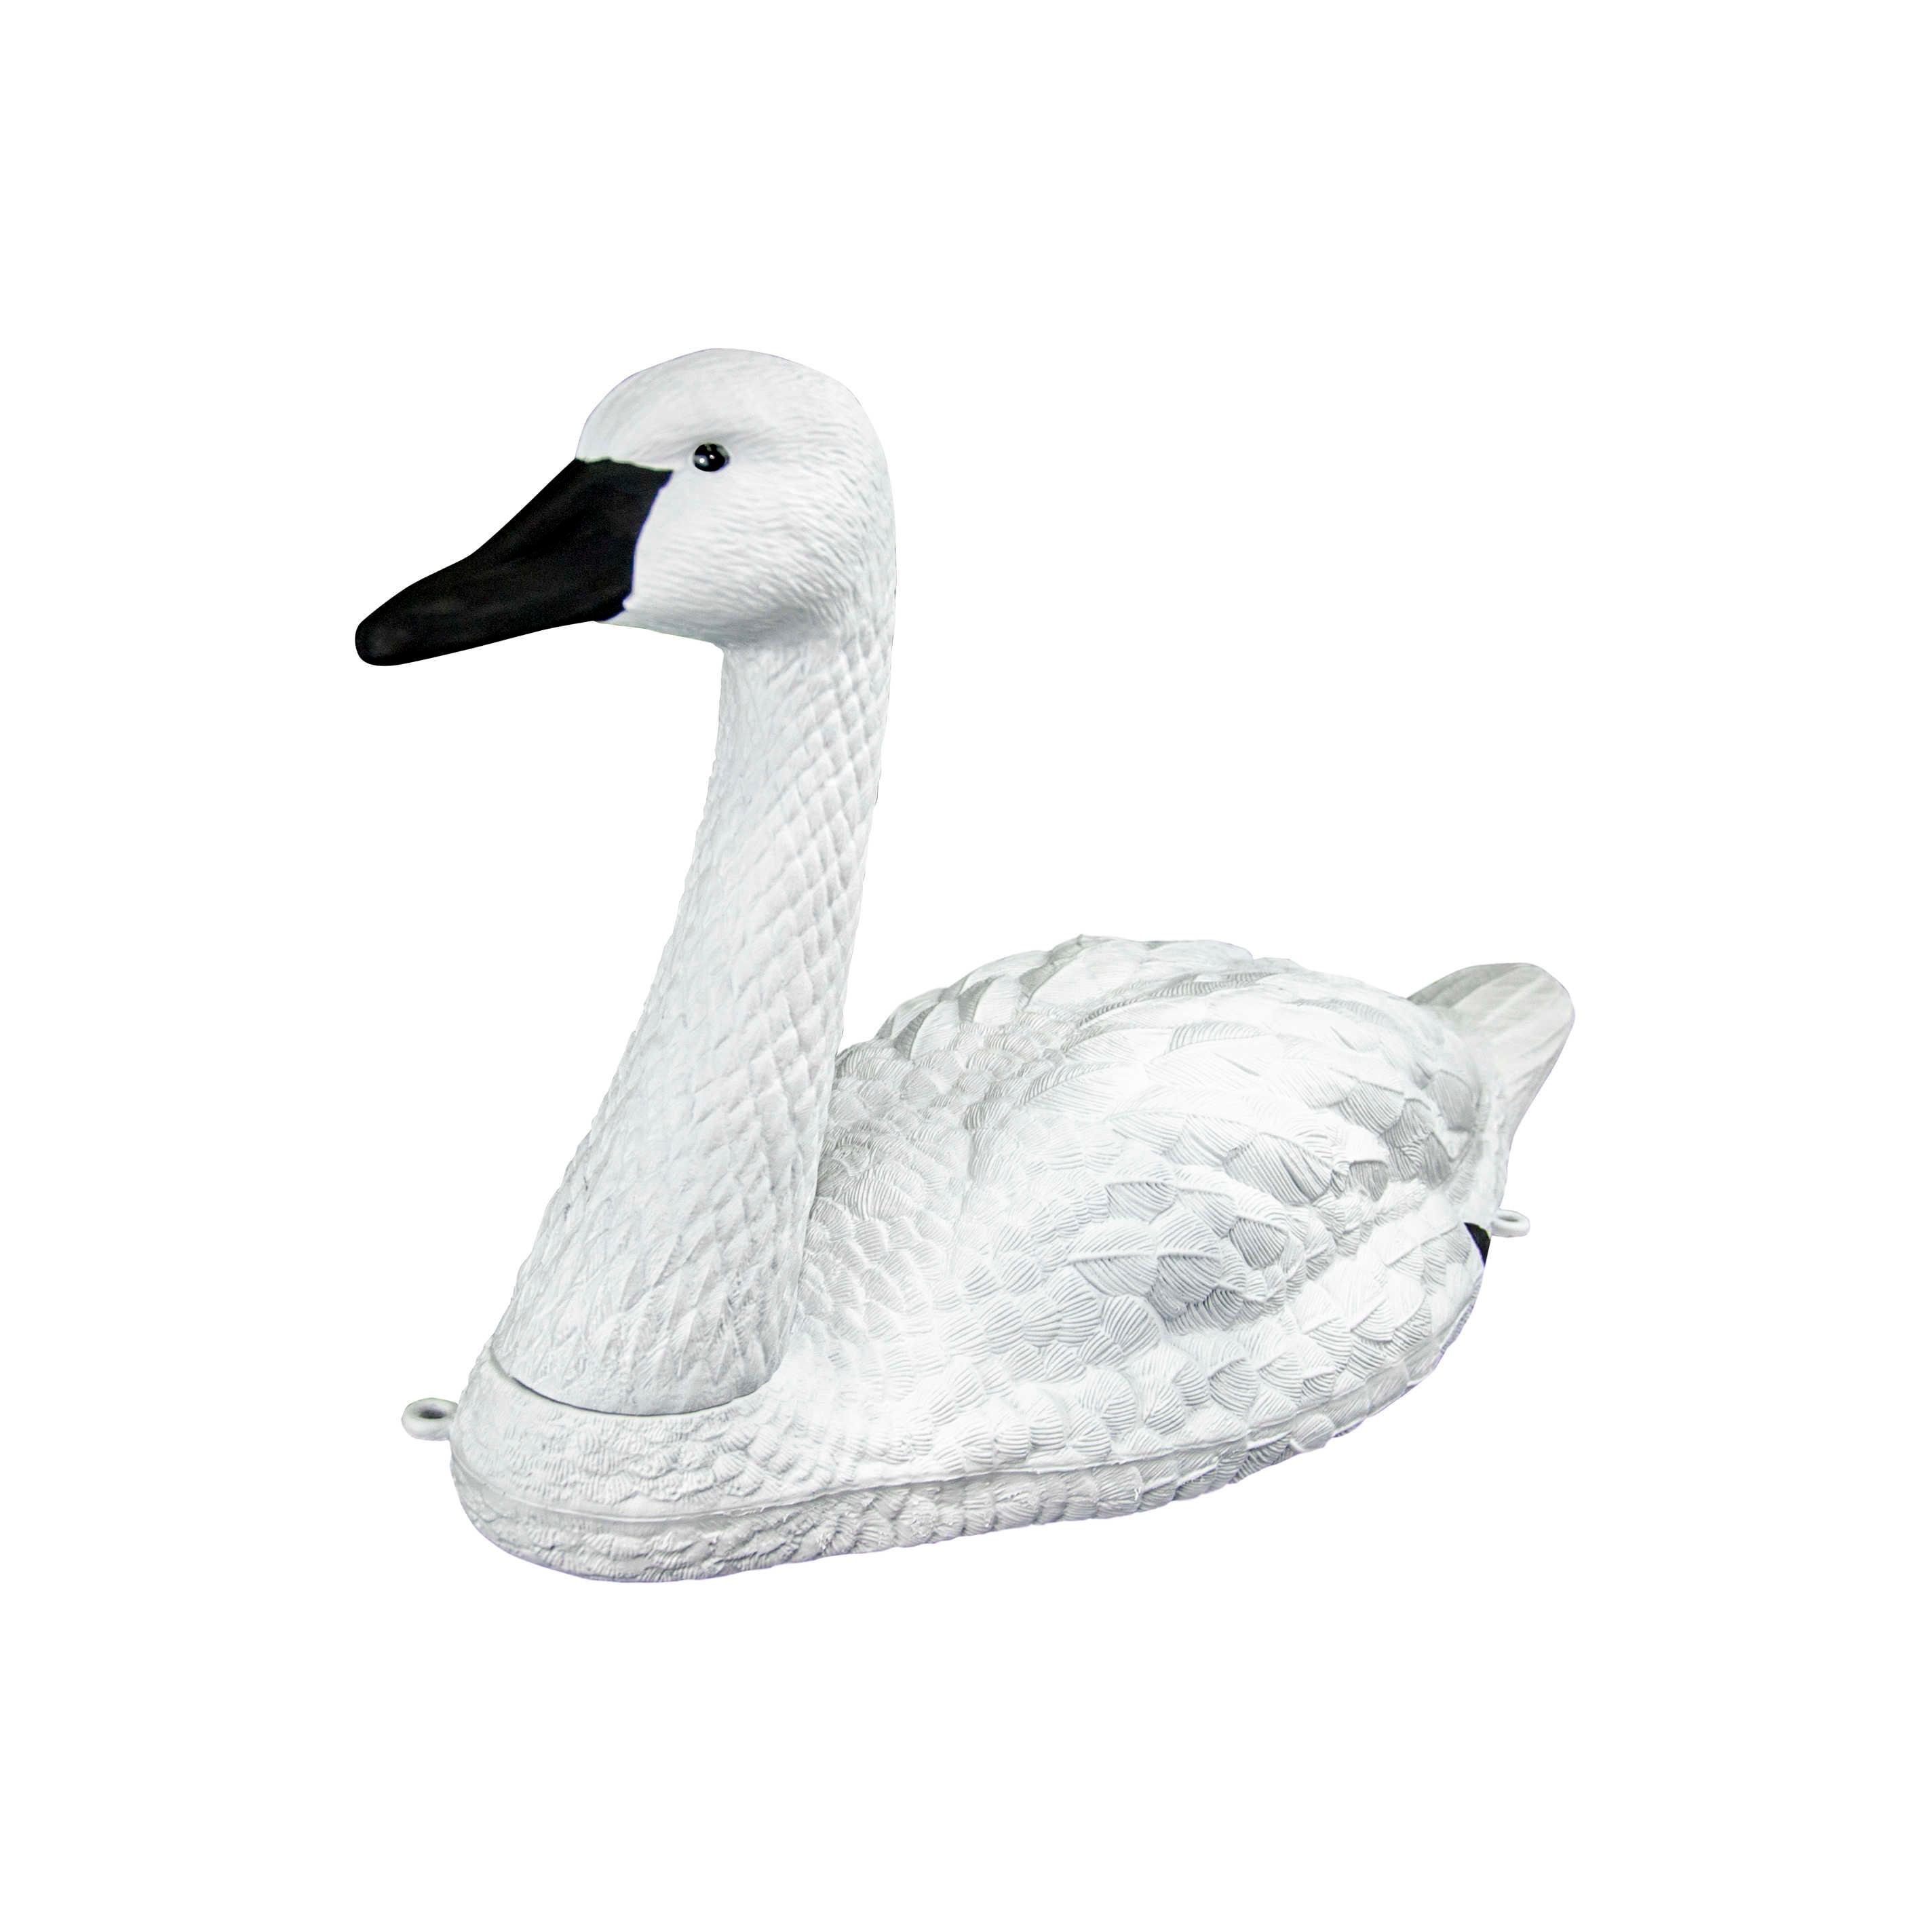 Манки для охоты на уток манок для гуся Большой Белый лебедь садовое украшение для бассейна плавающий белый немой Лебедь манок гуся гуси